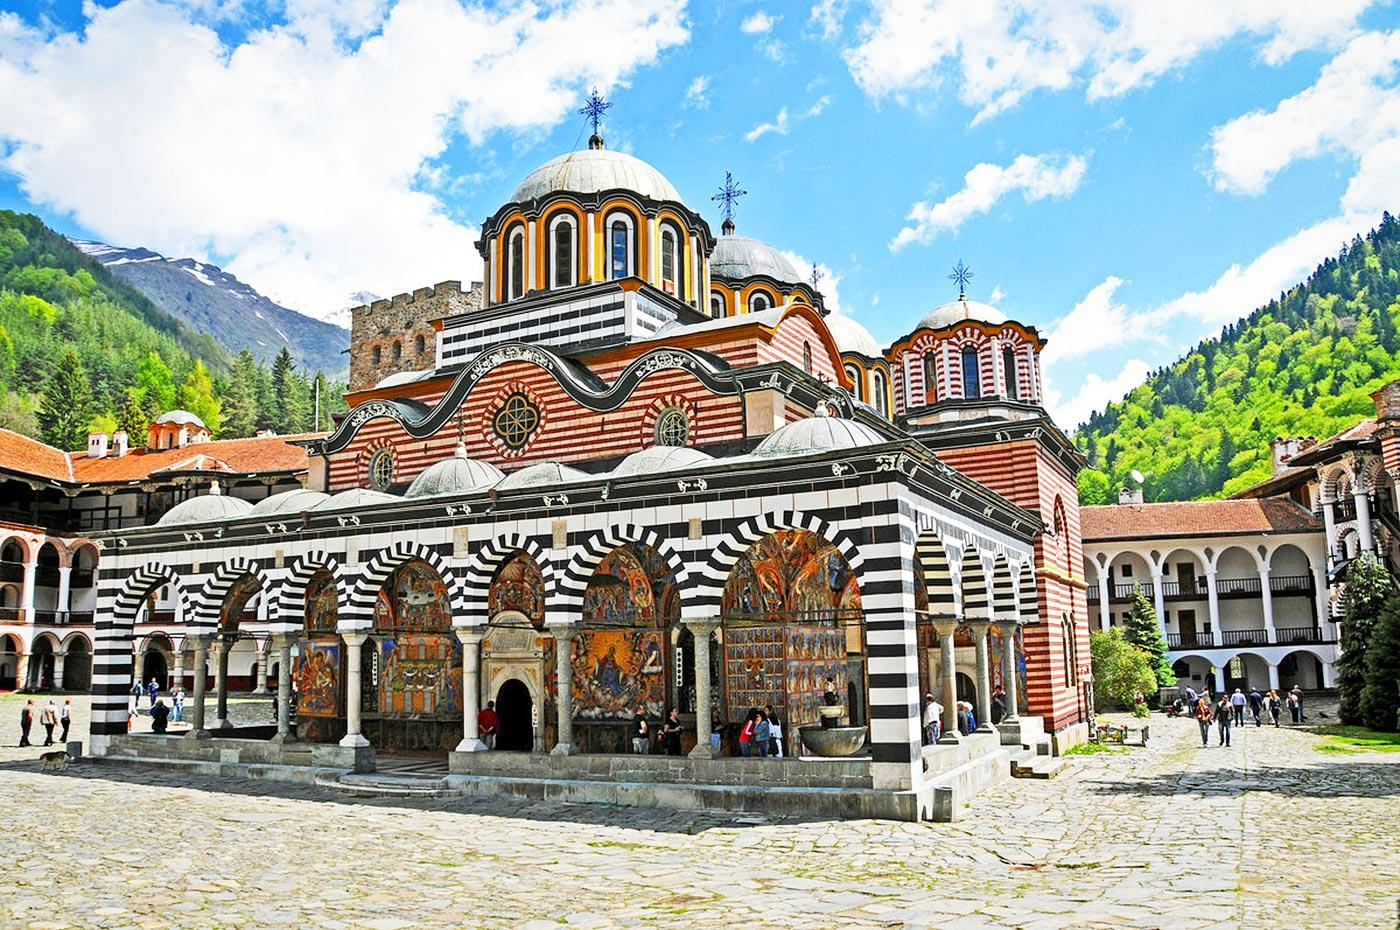 rilski manastir - izgled otvan